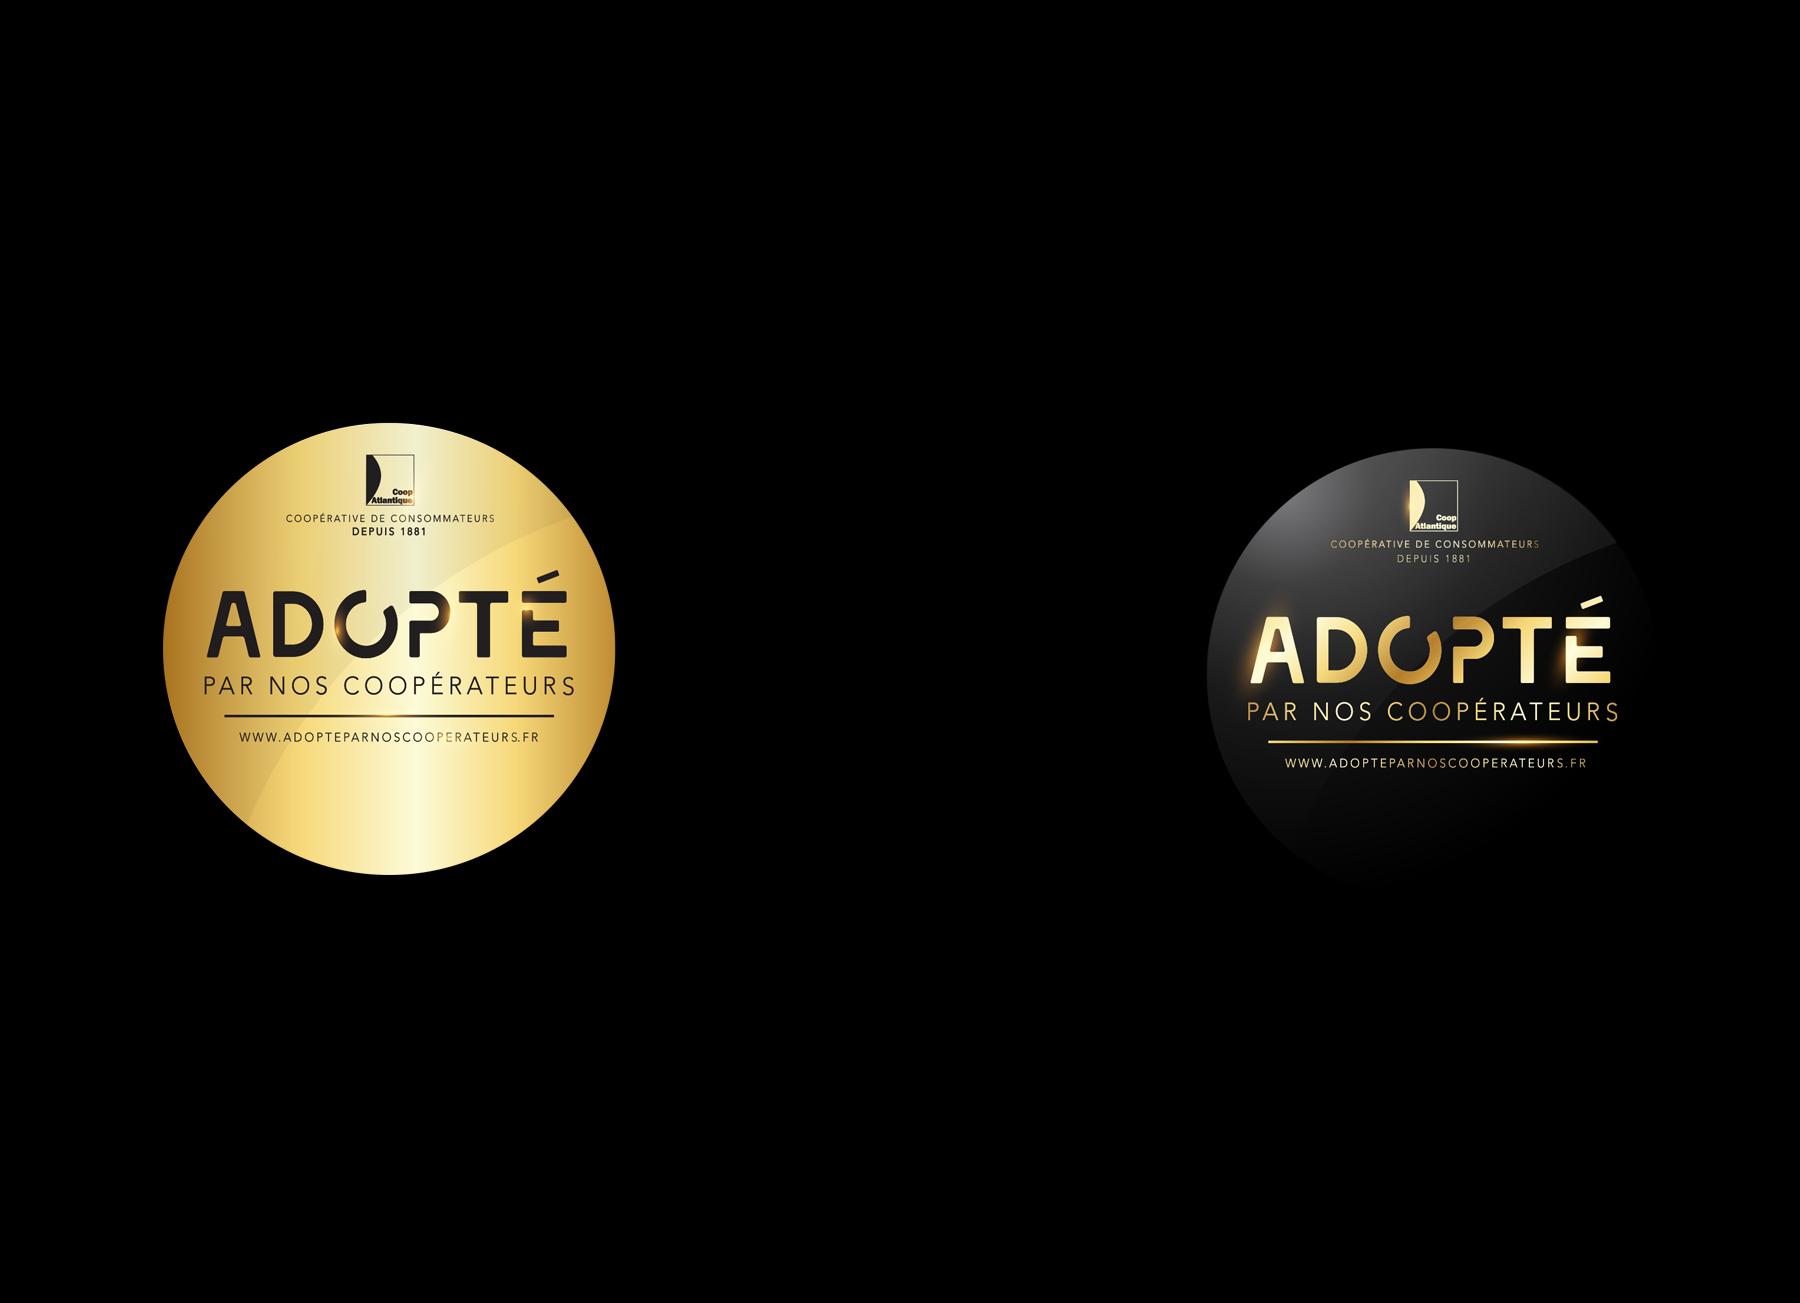 Projet-Adopte-Coop-Atlantique-Julia-Capdebos-2-2.jpg